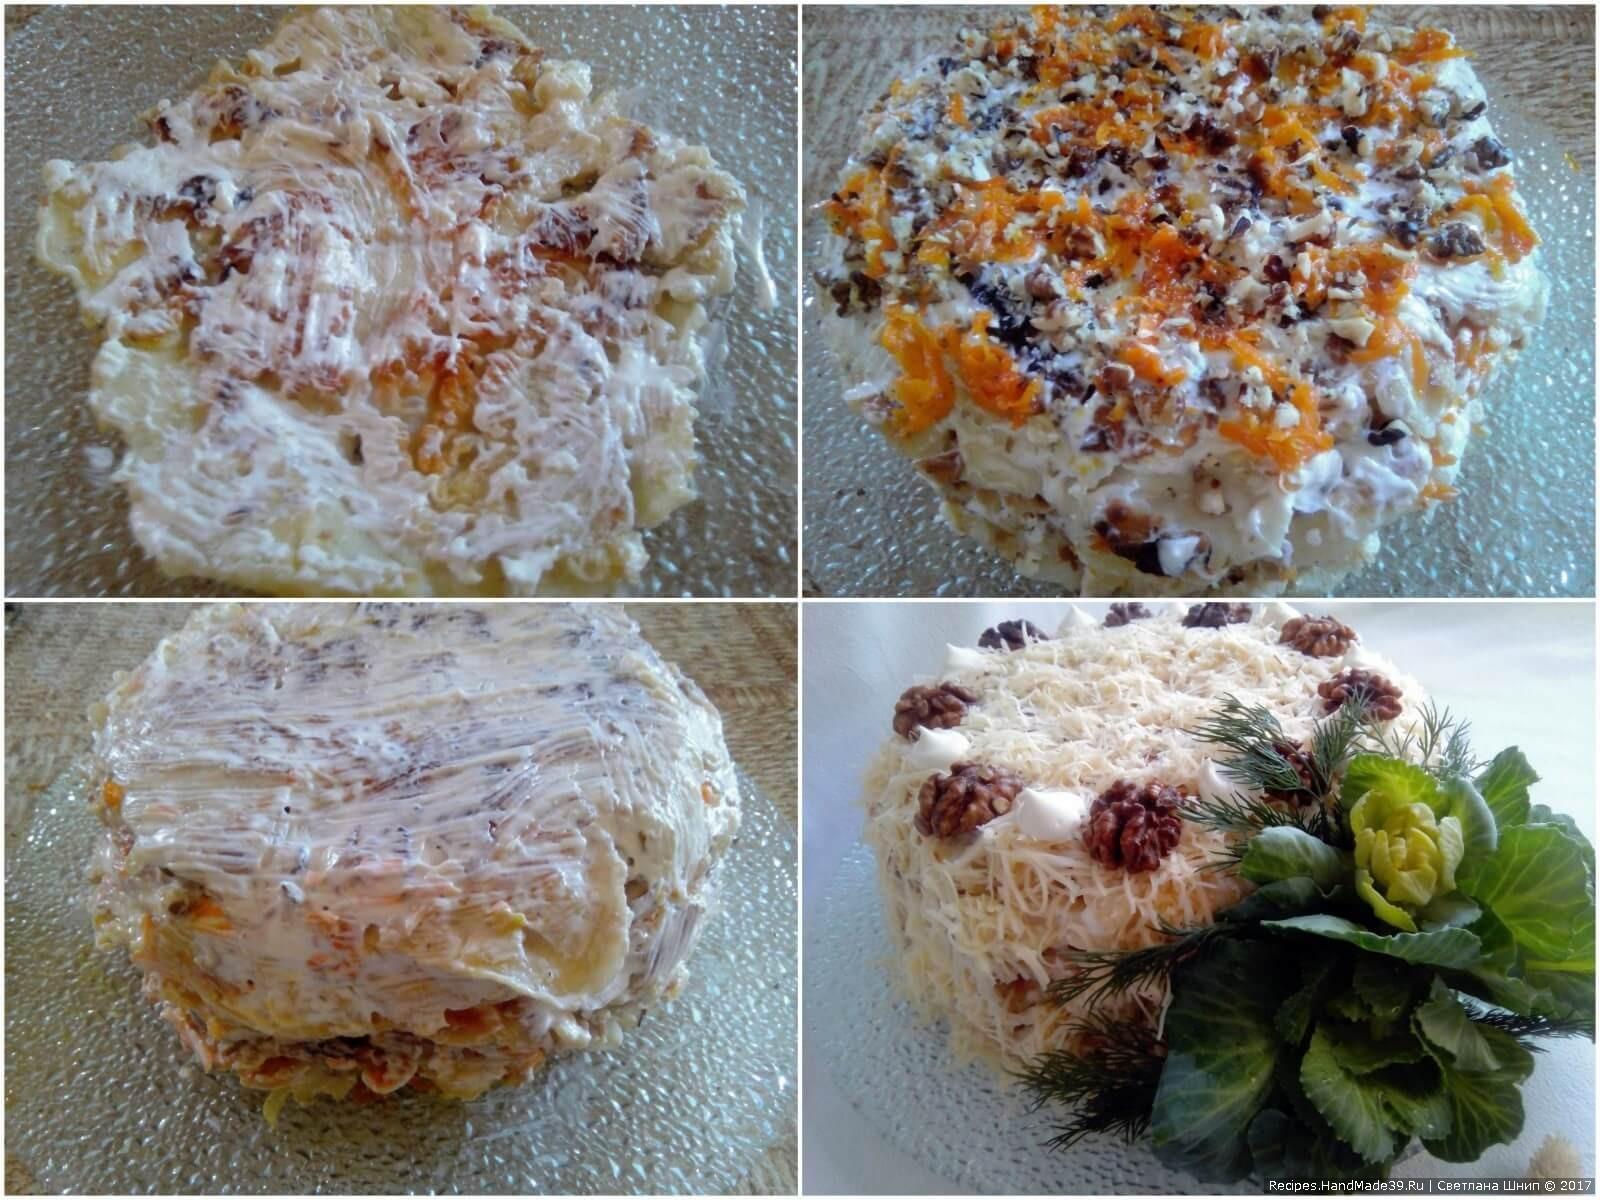 Пошаговый рецепт овощного торта «Наполеон» из капустных листьев с морковью, луком и орехами